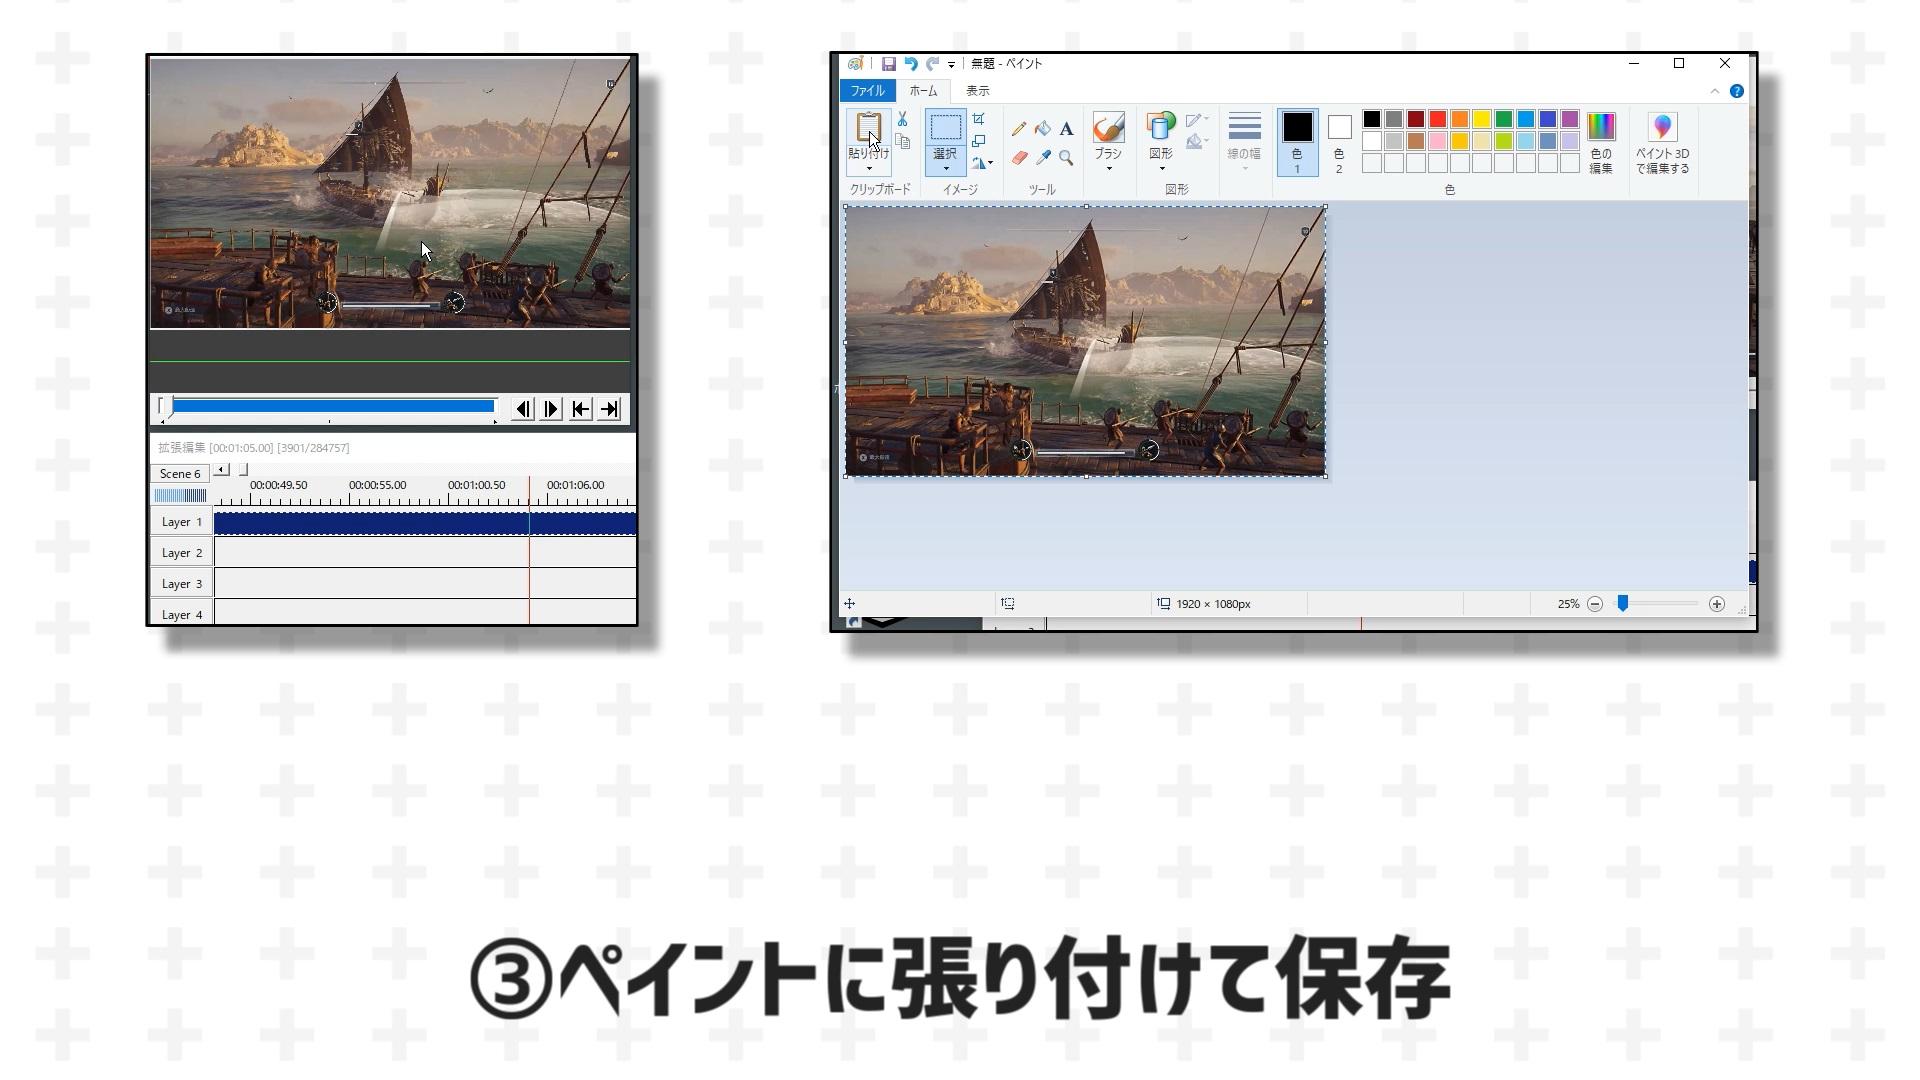 windowsに標準装備されているペイントを使います。先ほどコピーした画像を張り付けて保存してください。これだけです。簡単ですね!